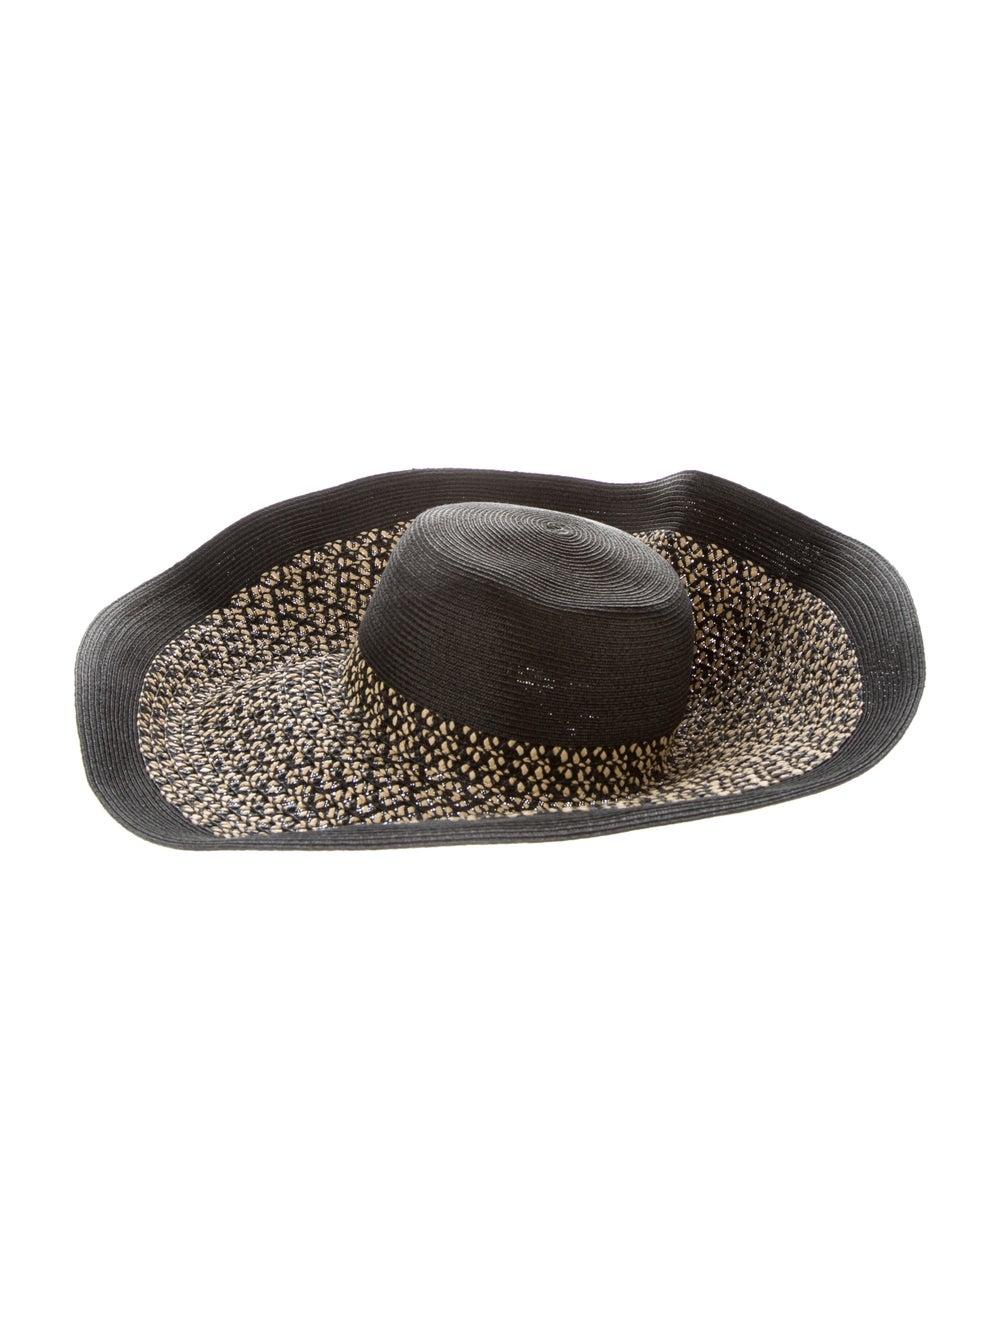 Eric Javits Wide Brim Straw Hat Natural - image 1